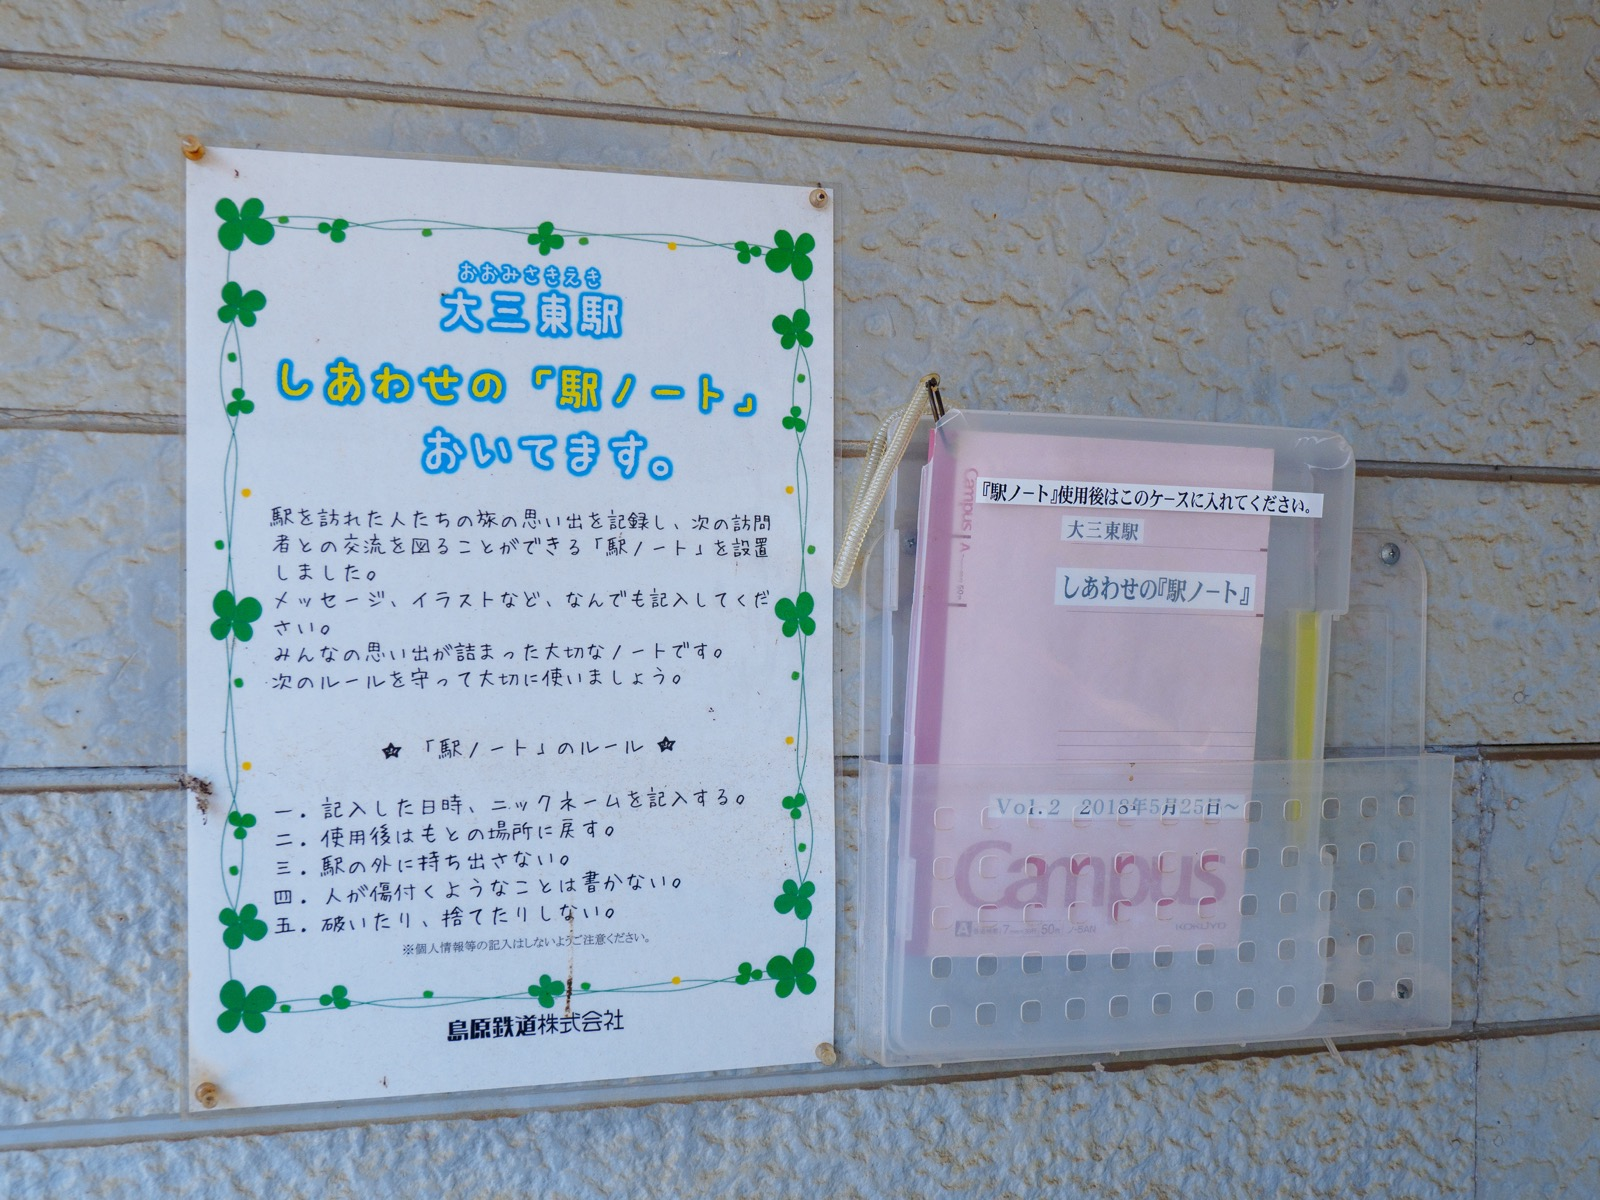 大三東駅の駅ノート